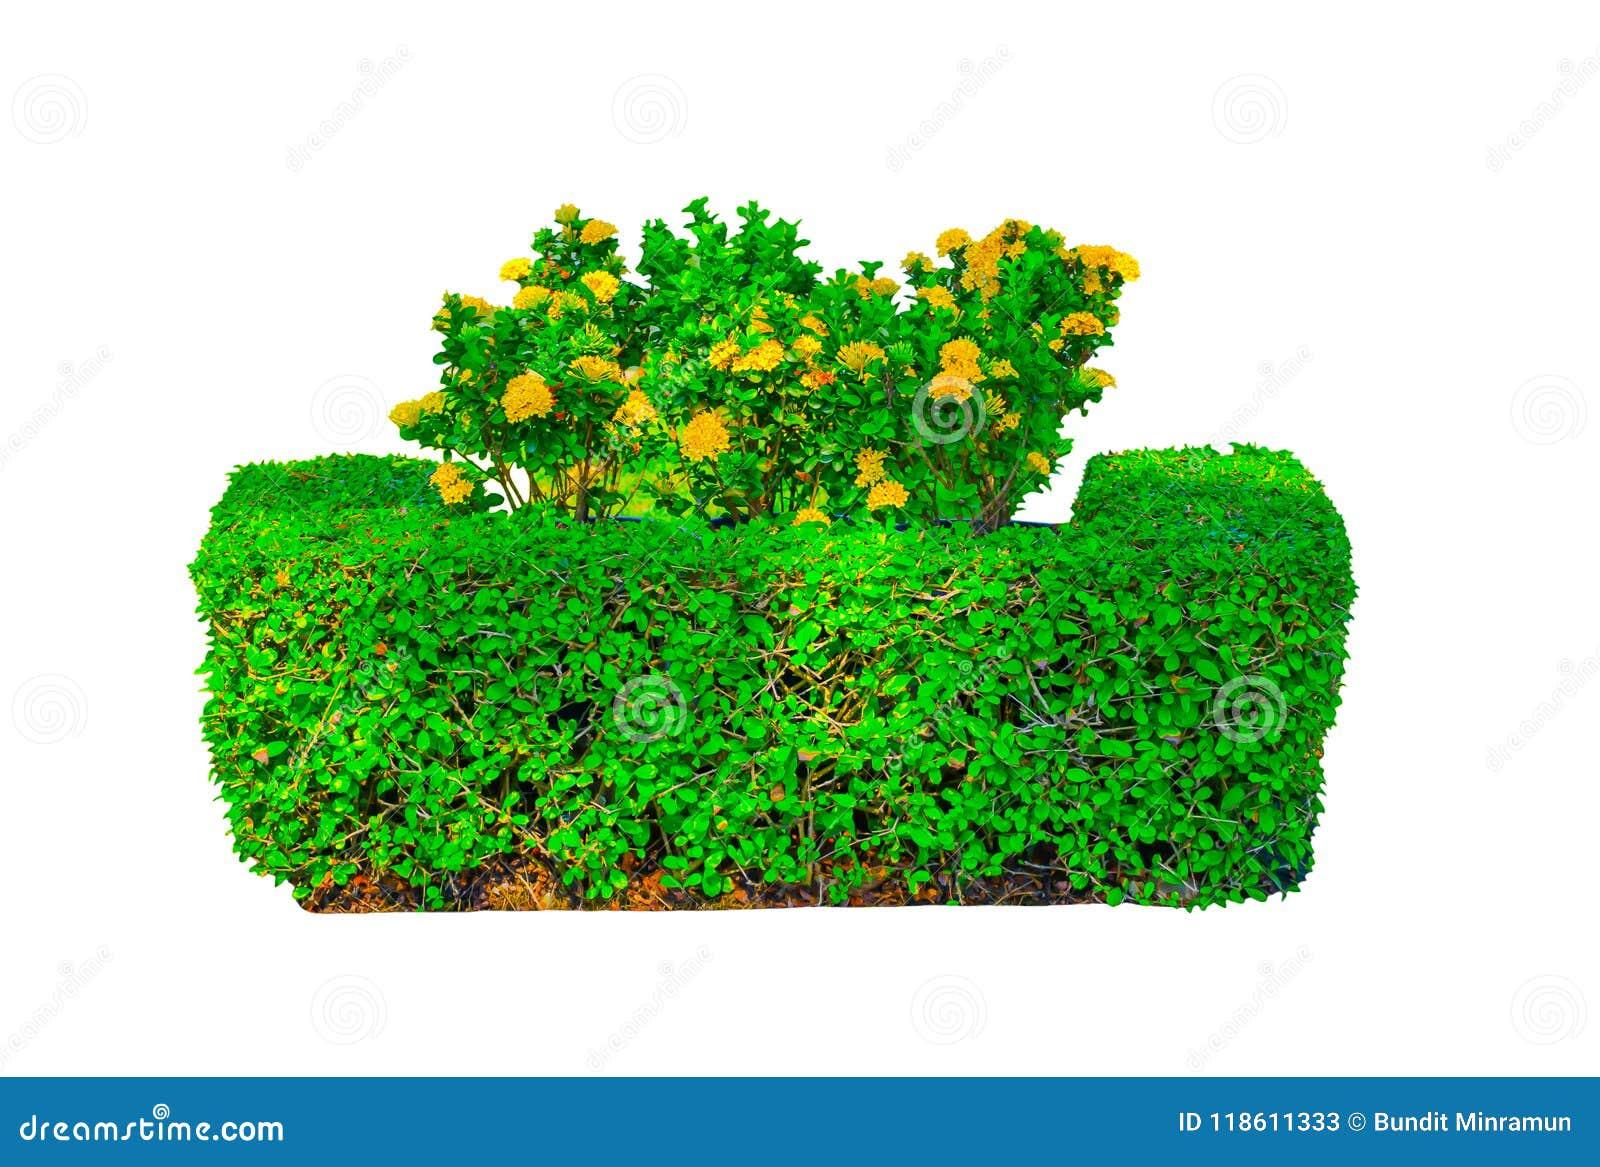 Żółci Ixora lub kolca kwiaty przy środkiem kwadrat kształtujący zielonego żywopłotu rżnięty drzewo odizolowywający na białym tle